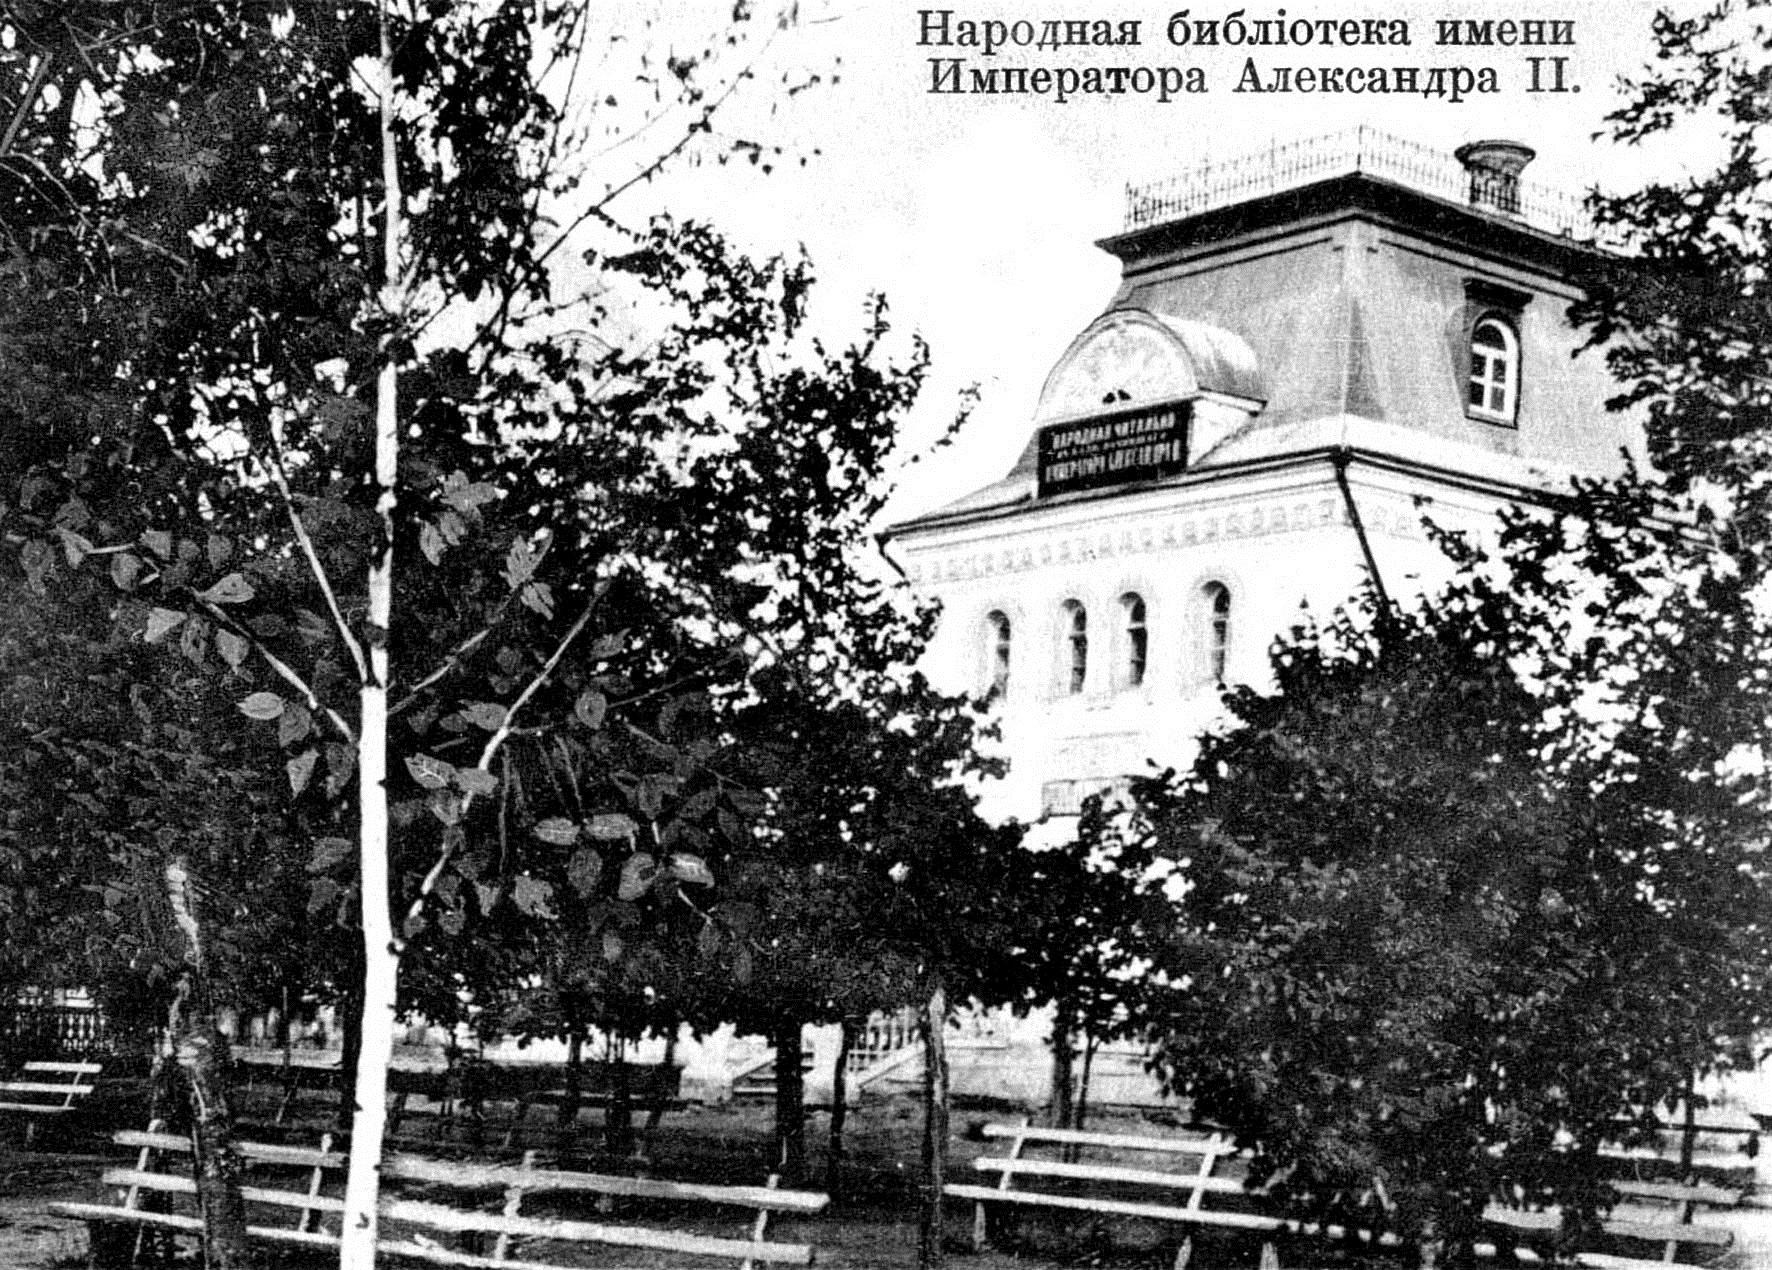 Народная библиотека имени Императора Александра II